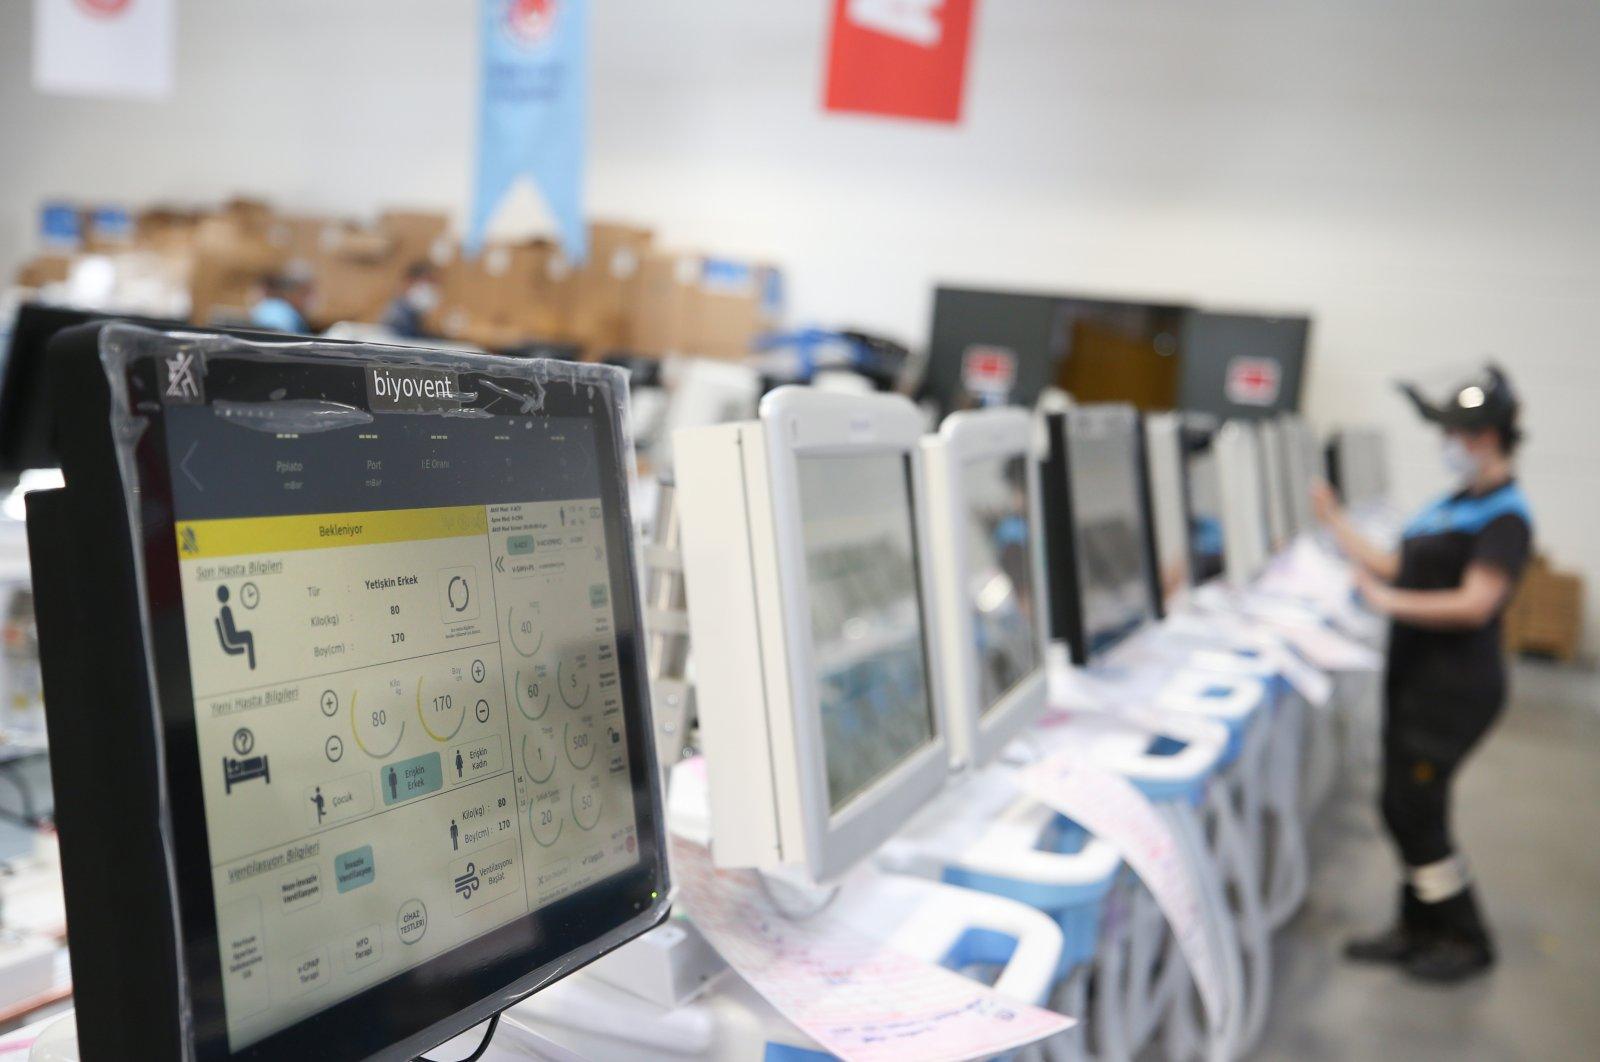 Turkish ventilators seen at an Arçelik factory in Çerkezköy district, Tekirdağ province, Turkey, April 12, 2020. (AA Photo)